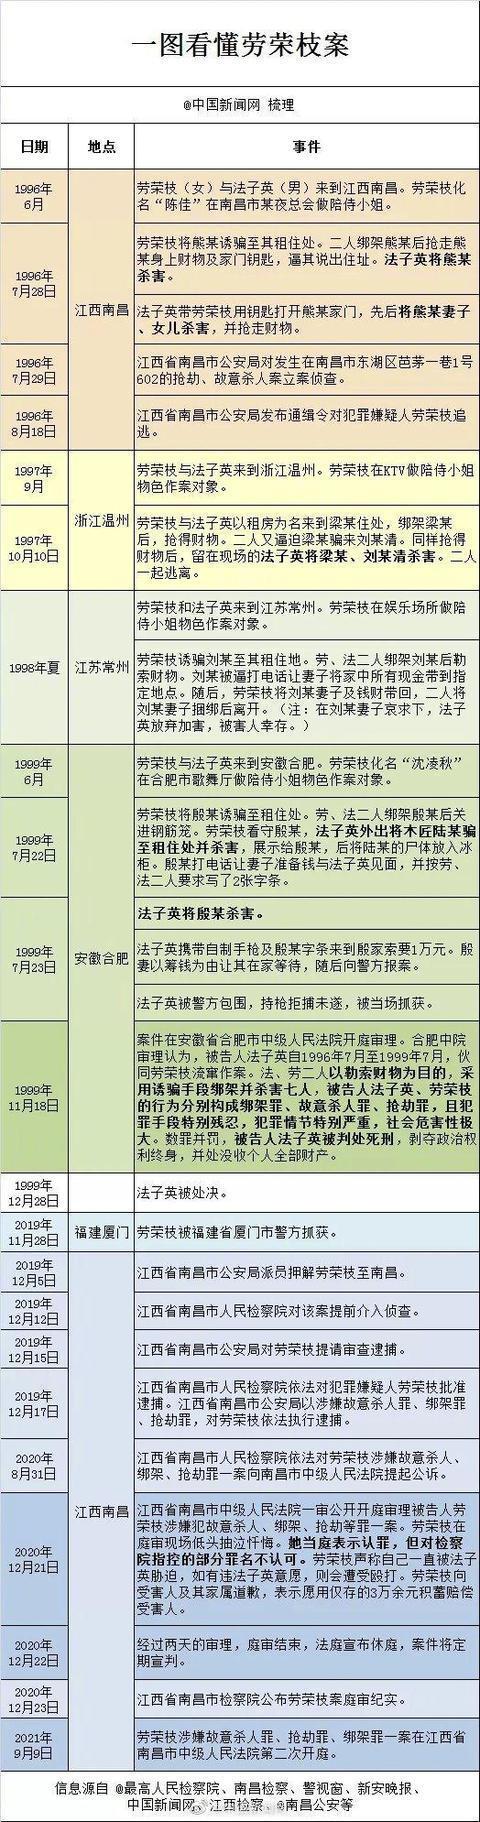 劳荣枝一审被判死刑 当庭上诉 被害人律师说劳荣枝有非凡表演才能